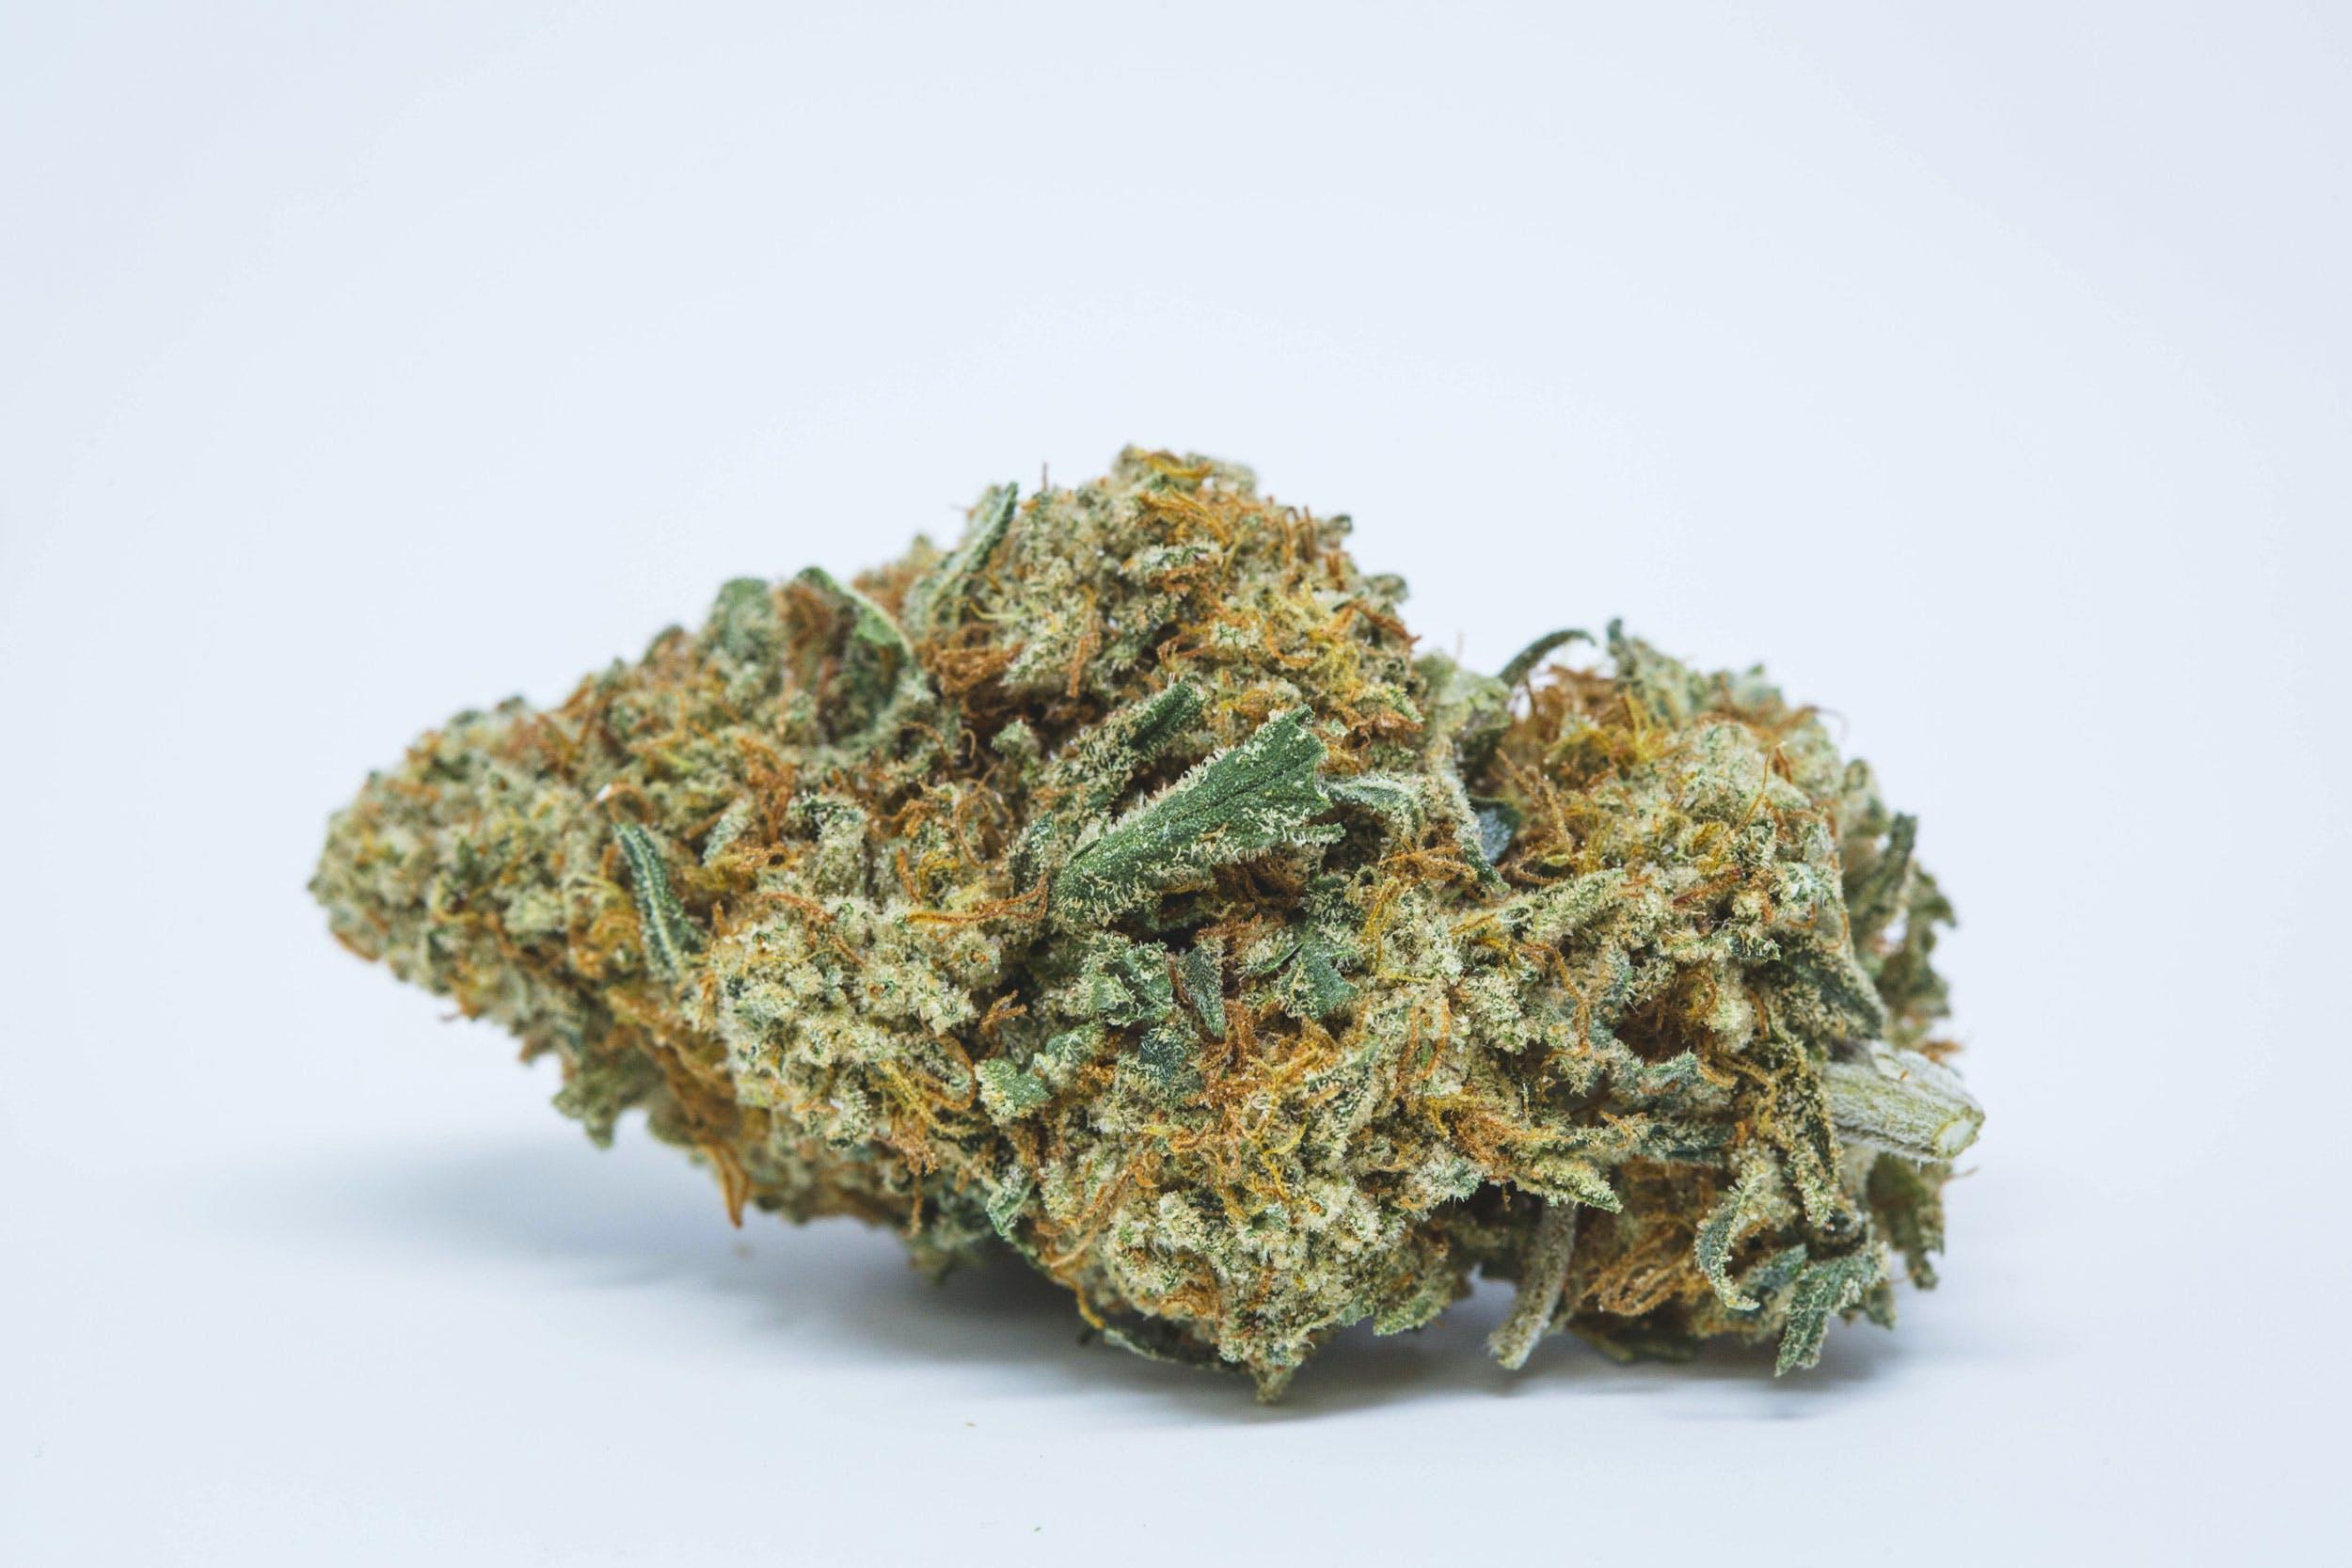 Golden Goat Weed; Golden Goat Cannabis Strain; Golden Goat Sativa Marijuana Strain